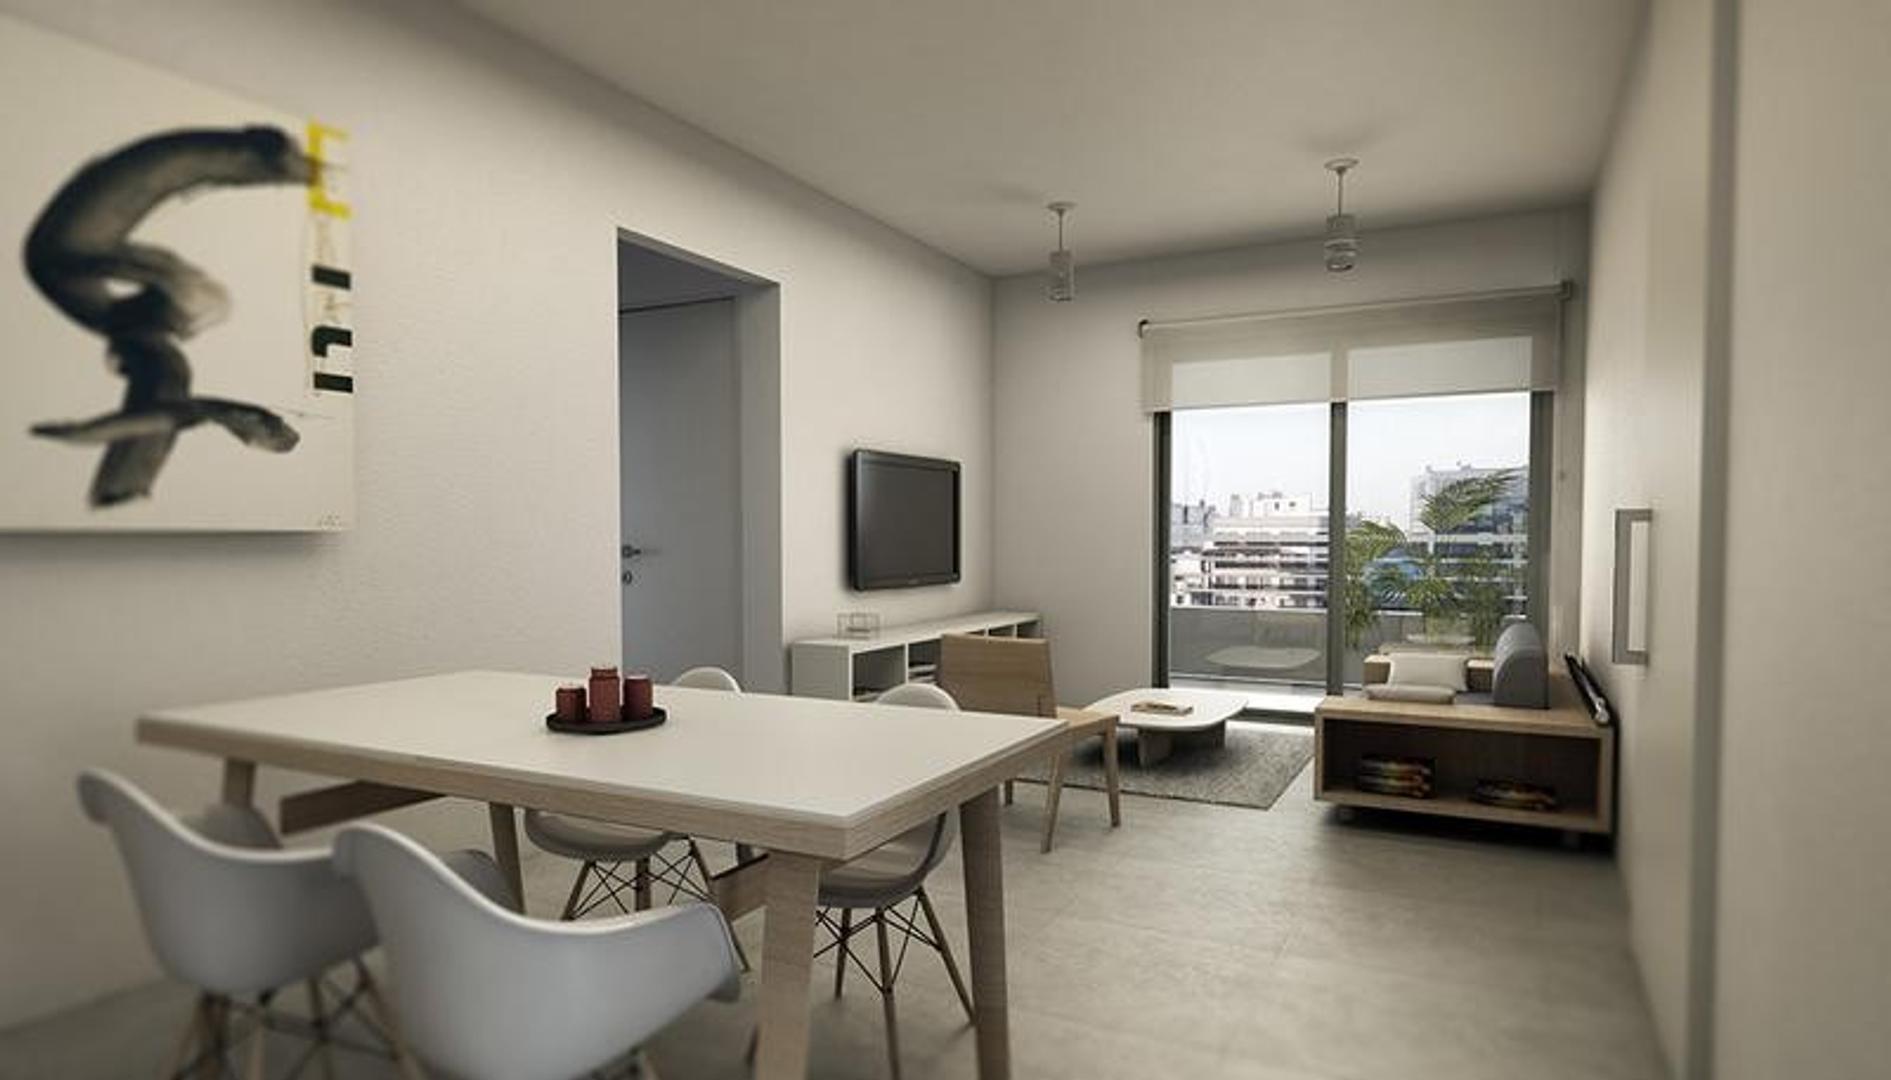 Hermoso departamento de 4 o 5 ambientes en el mejor emprendimiento de Villa del Parque - Foto 15